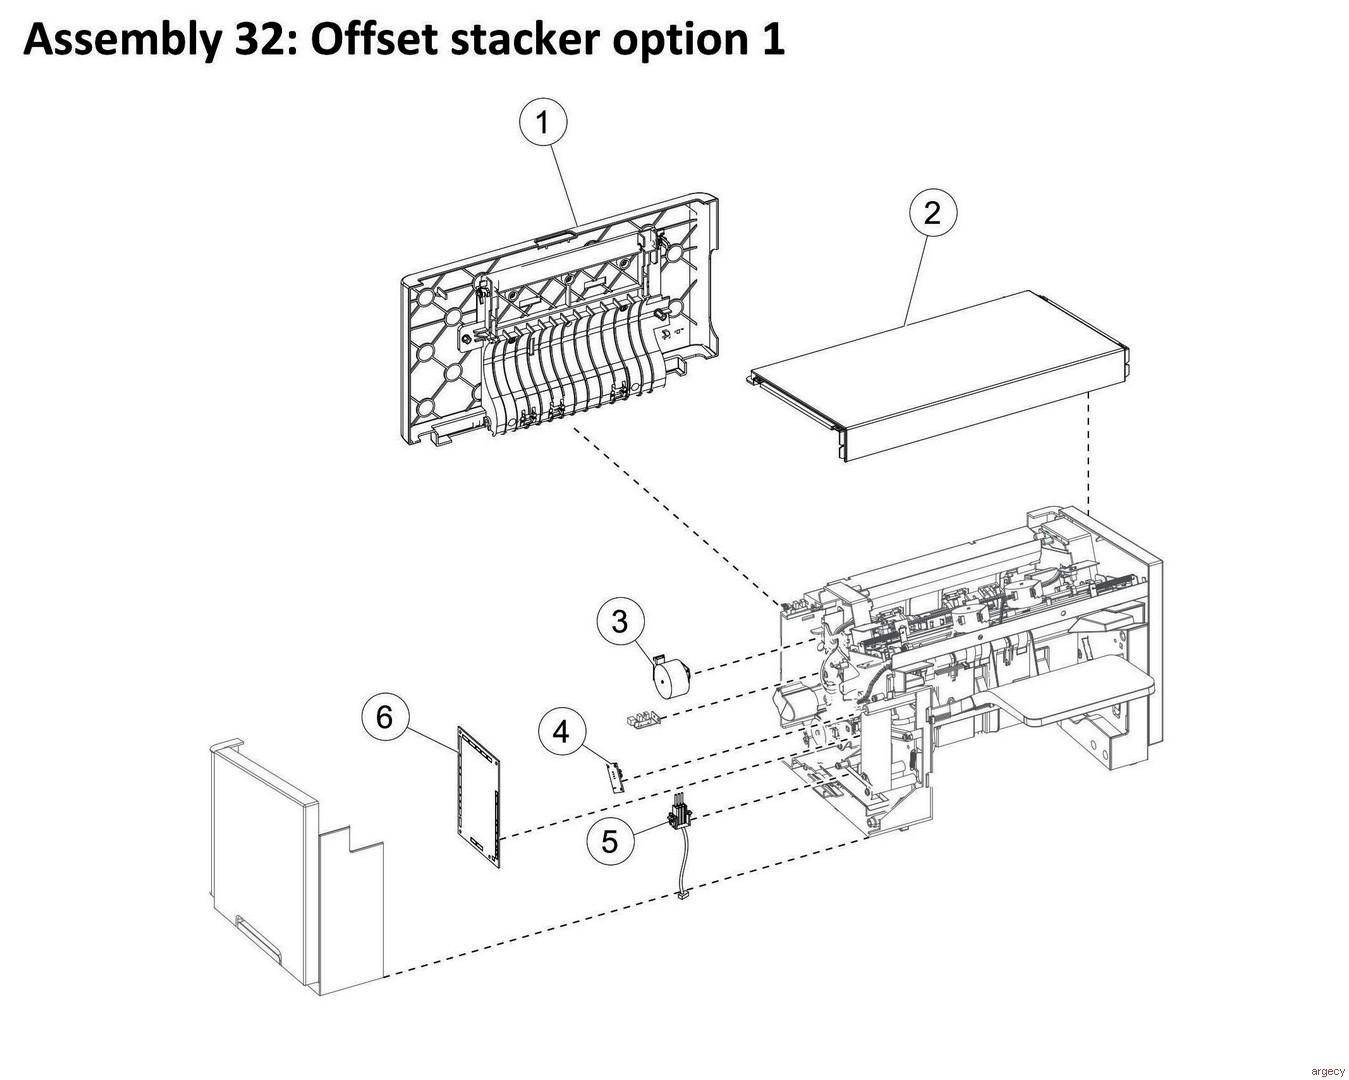 https://www.argecy.com/images/MX81x_MX71x-Parts-751_cr.jpg